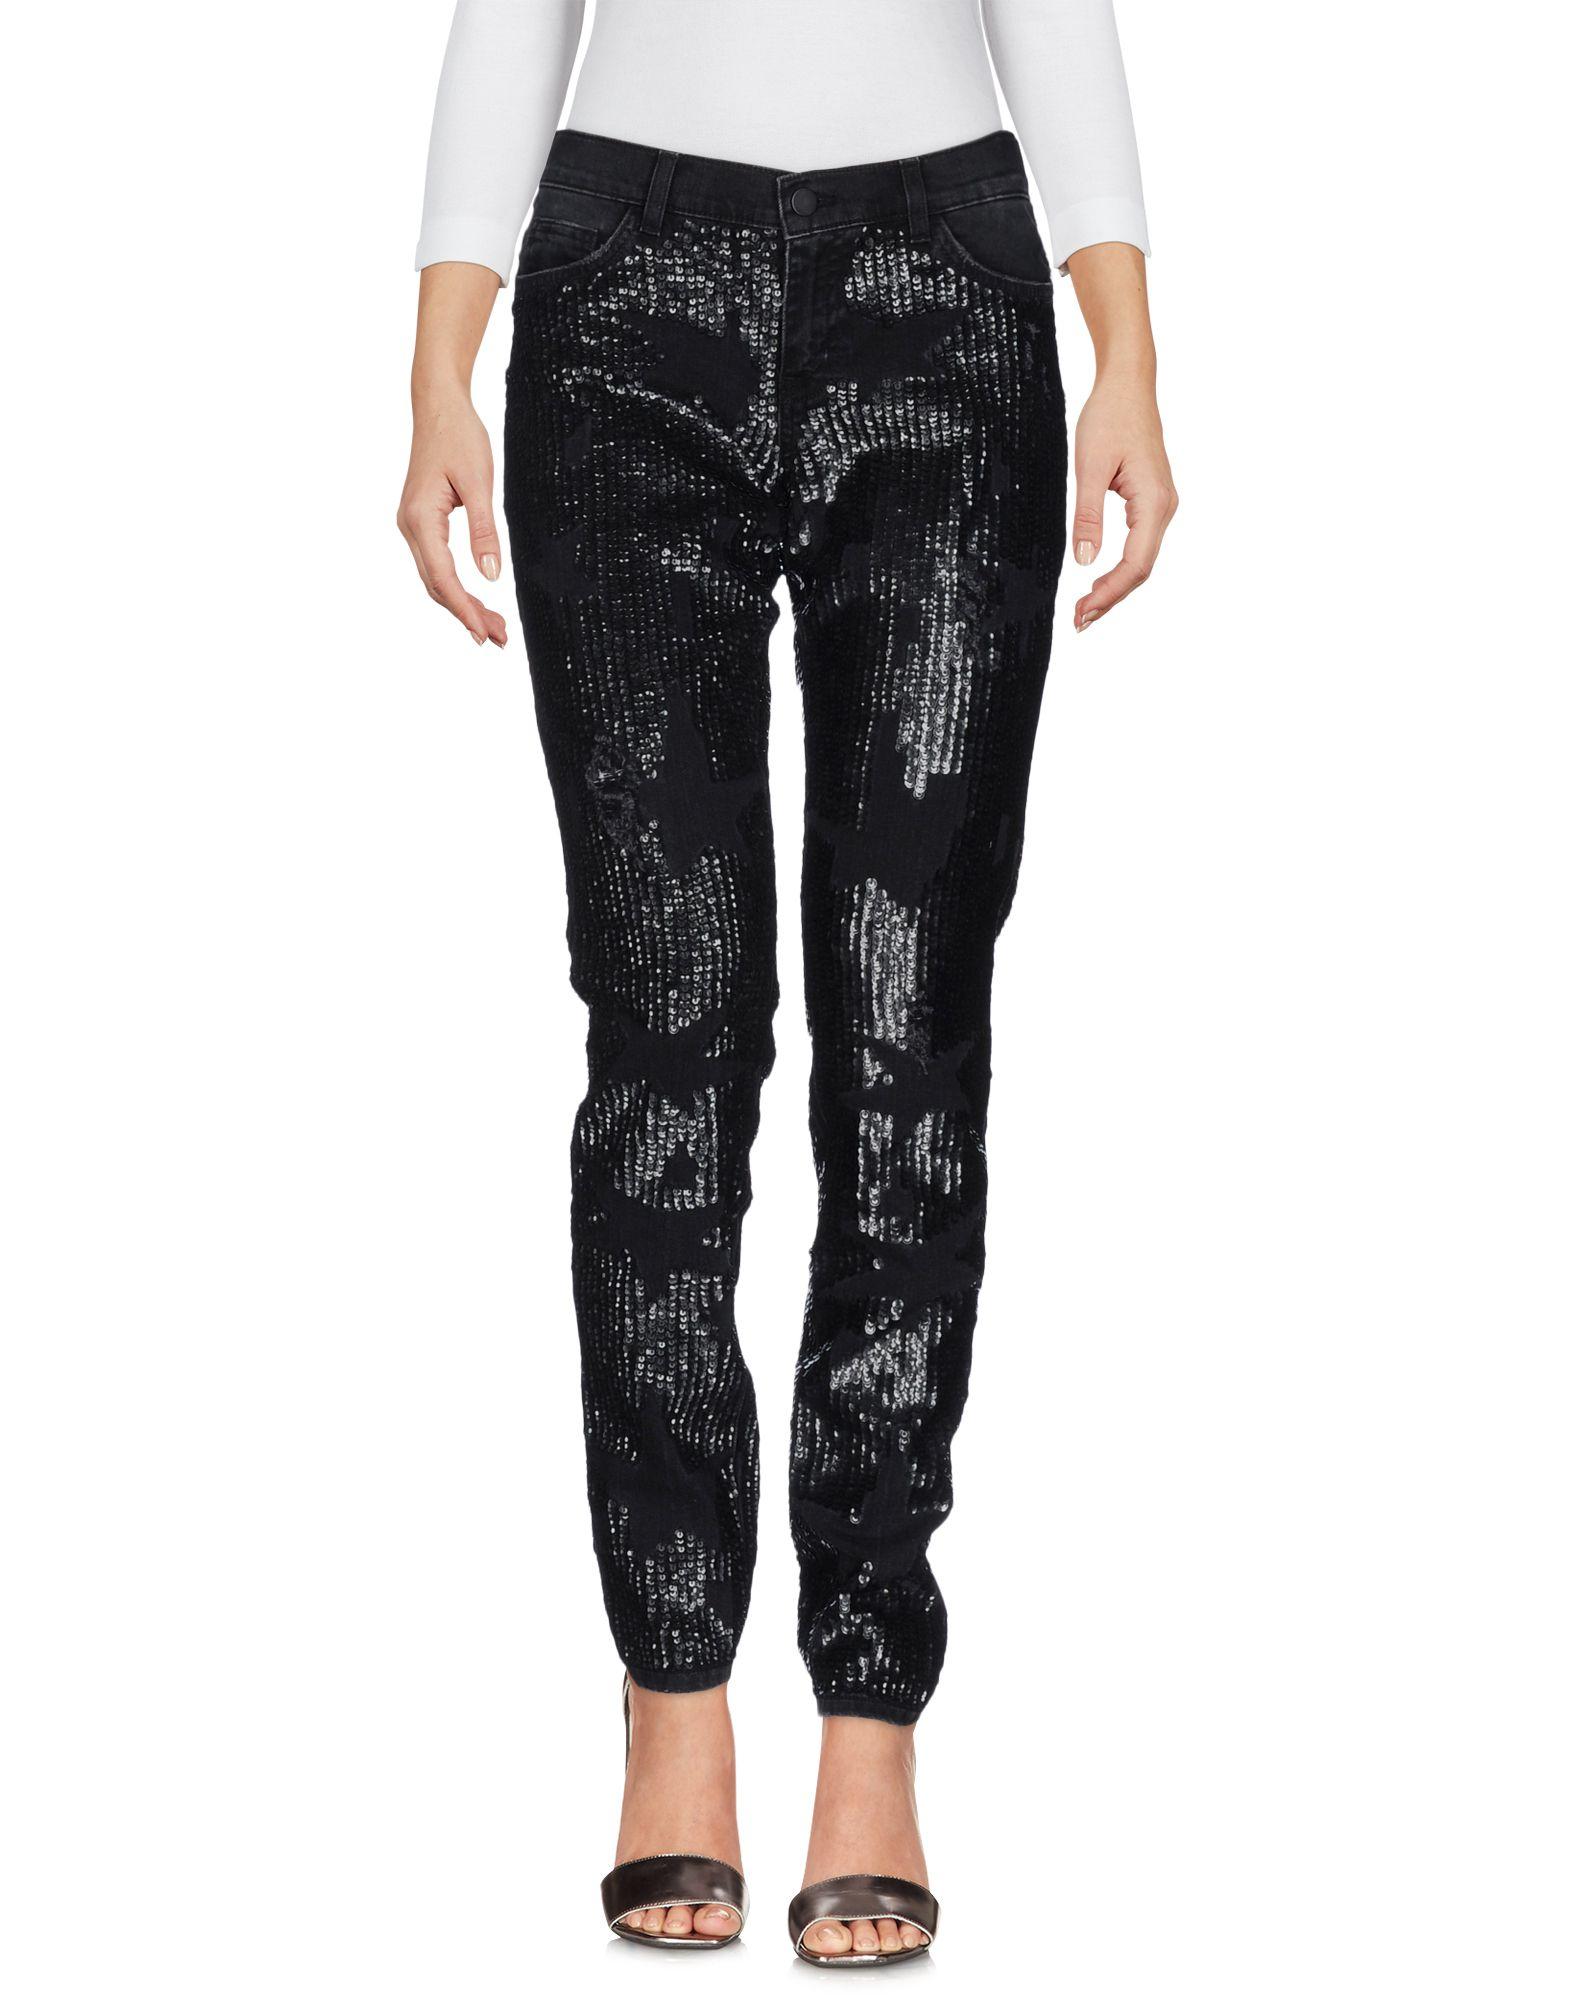 цены на SIMONA CORSELLINI Джинсовые брюки в интернет-магазинах